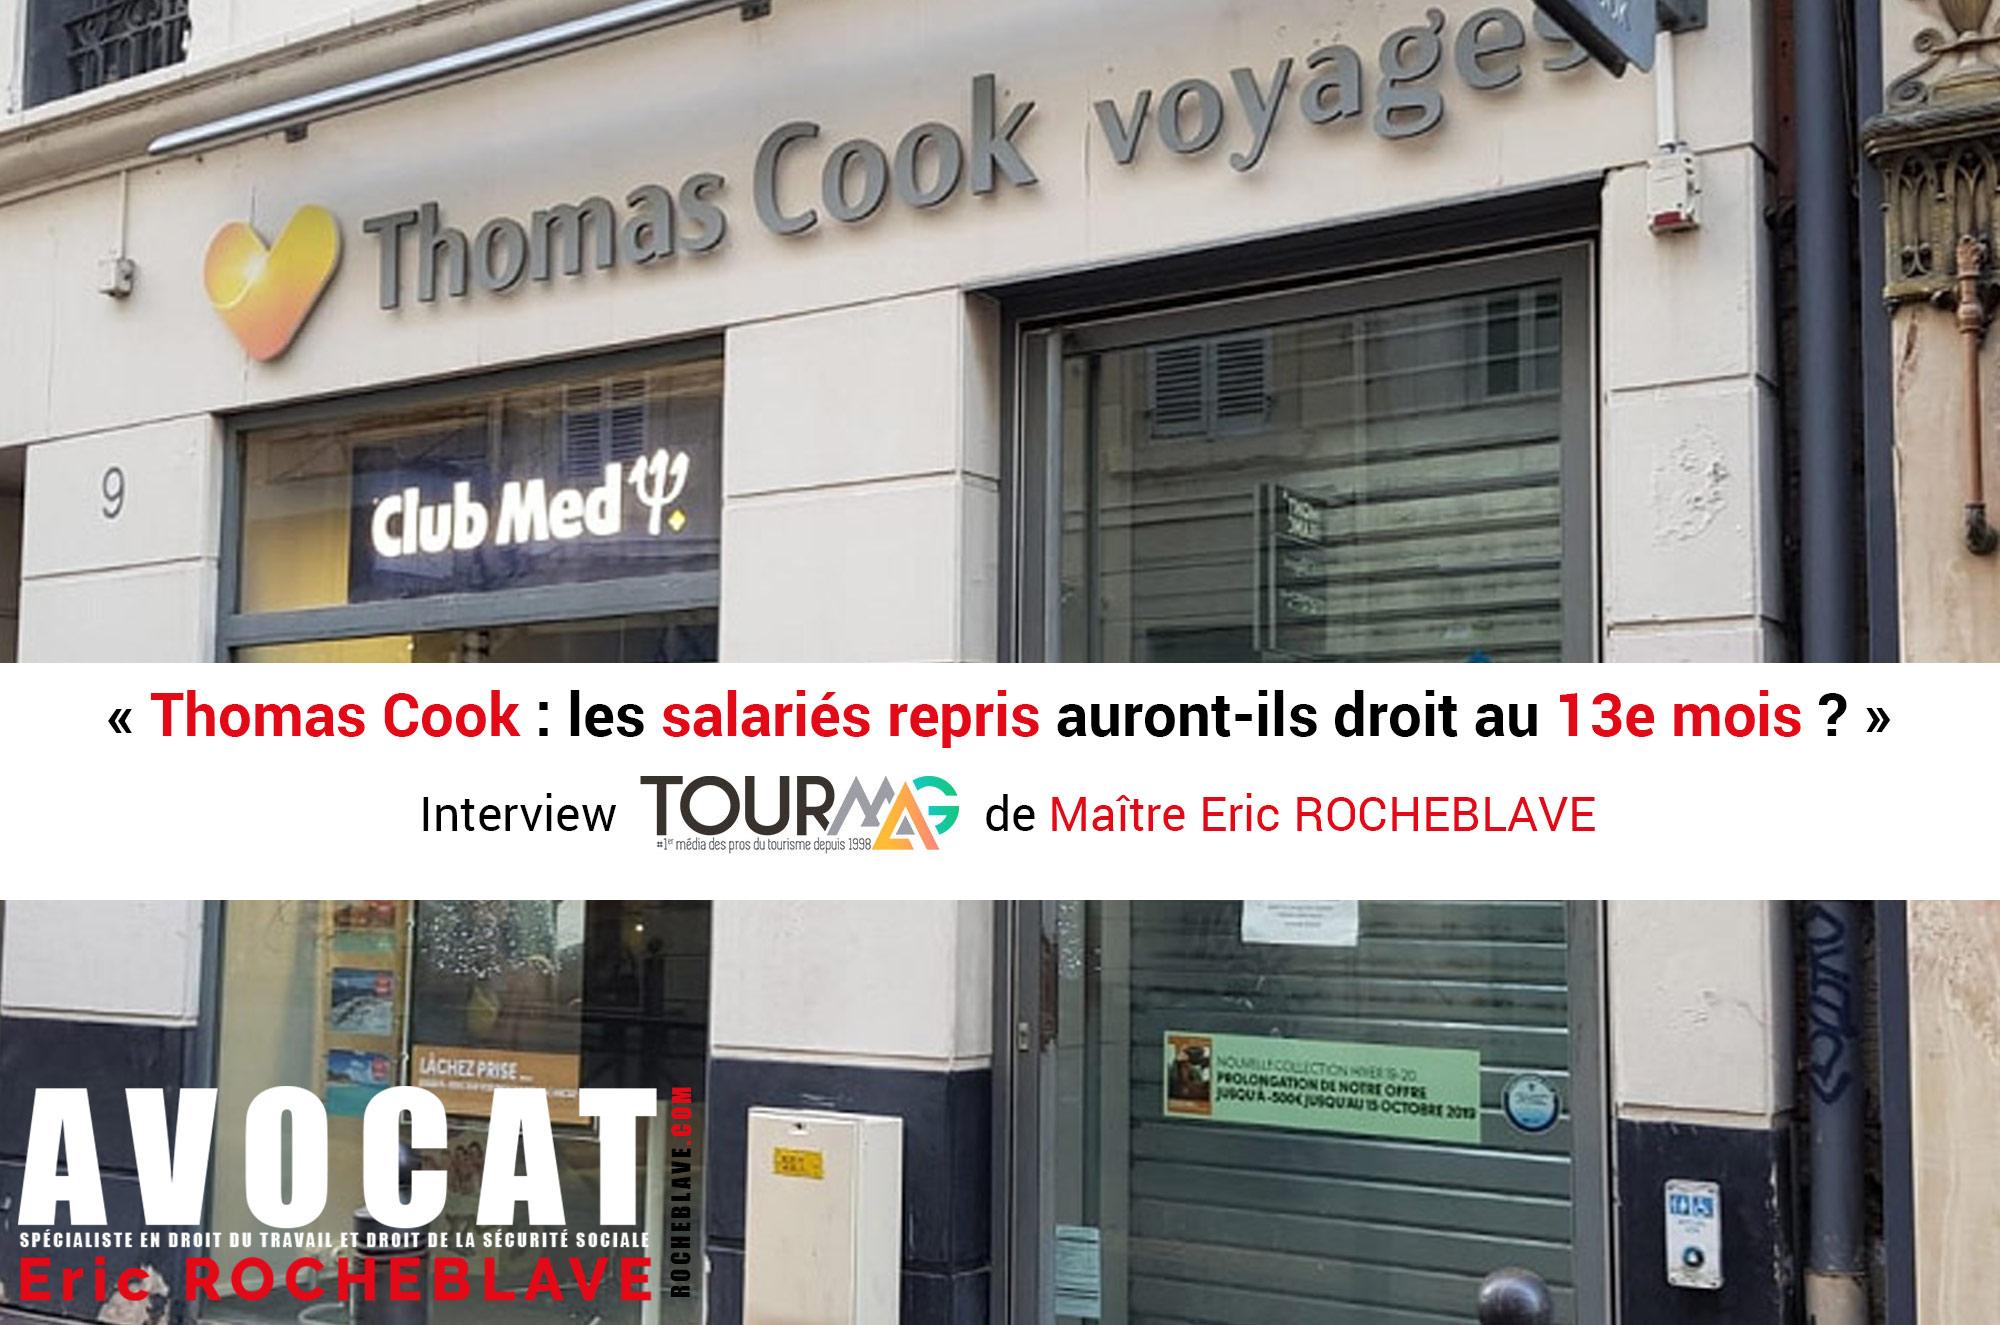 « Thomas Cook : les salariés repris auront-ils droit au 13e mois ? »  Interview TOURMAG de Maître Eric ROCHEBLAVE